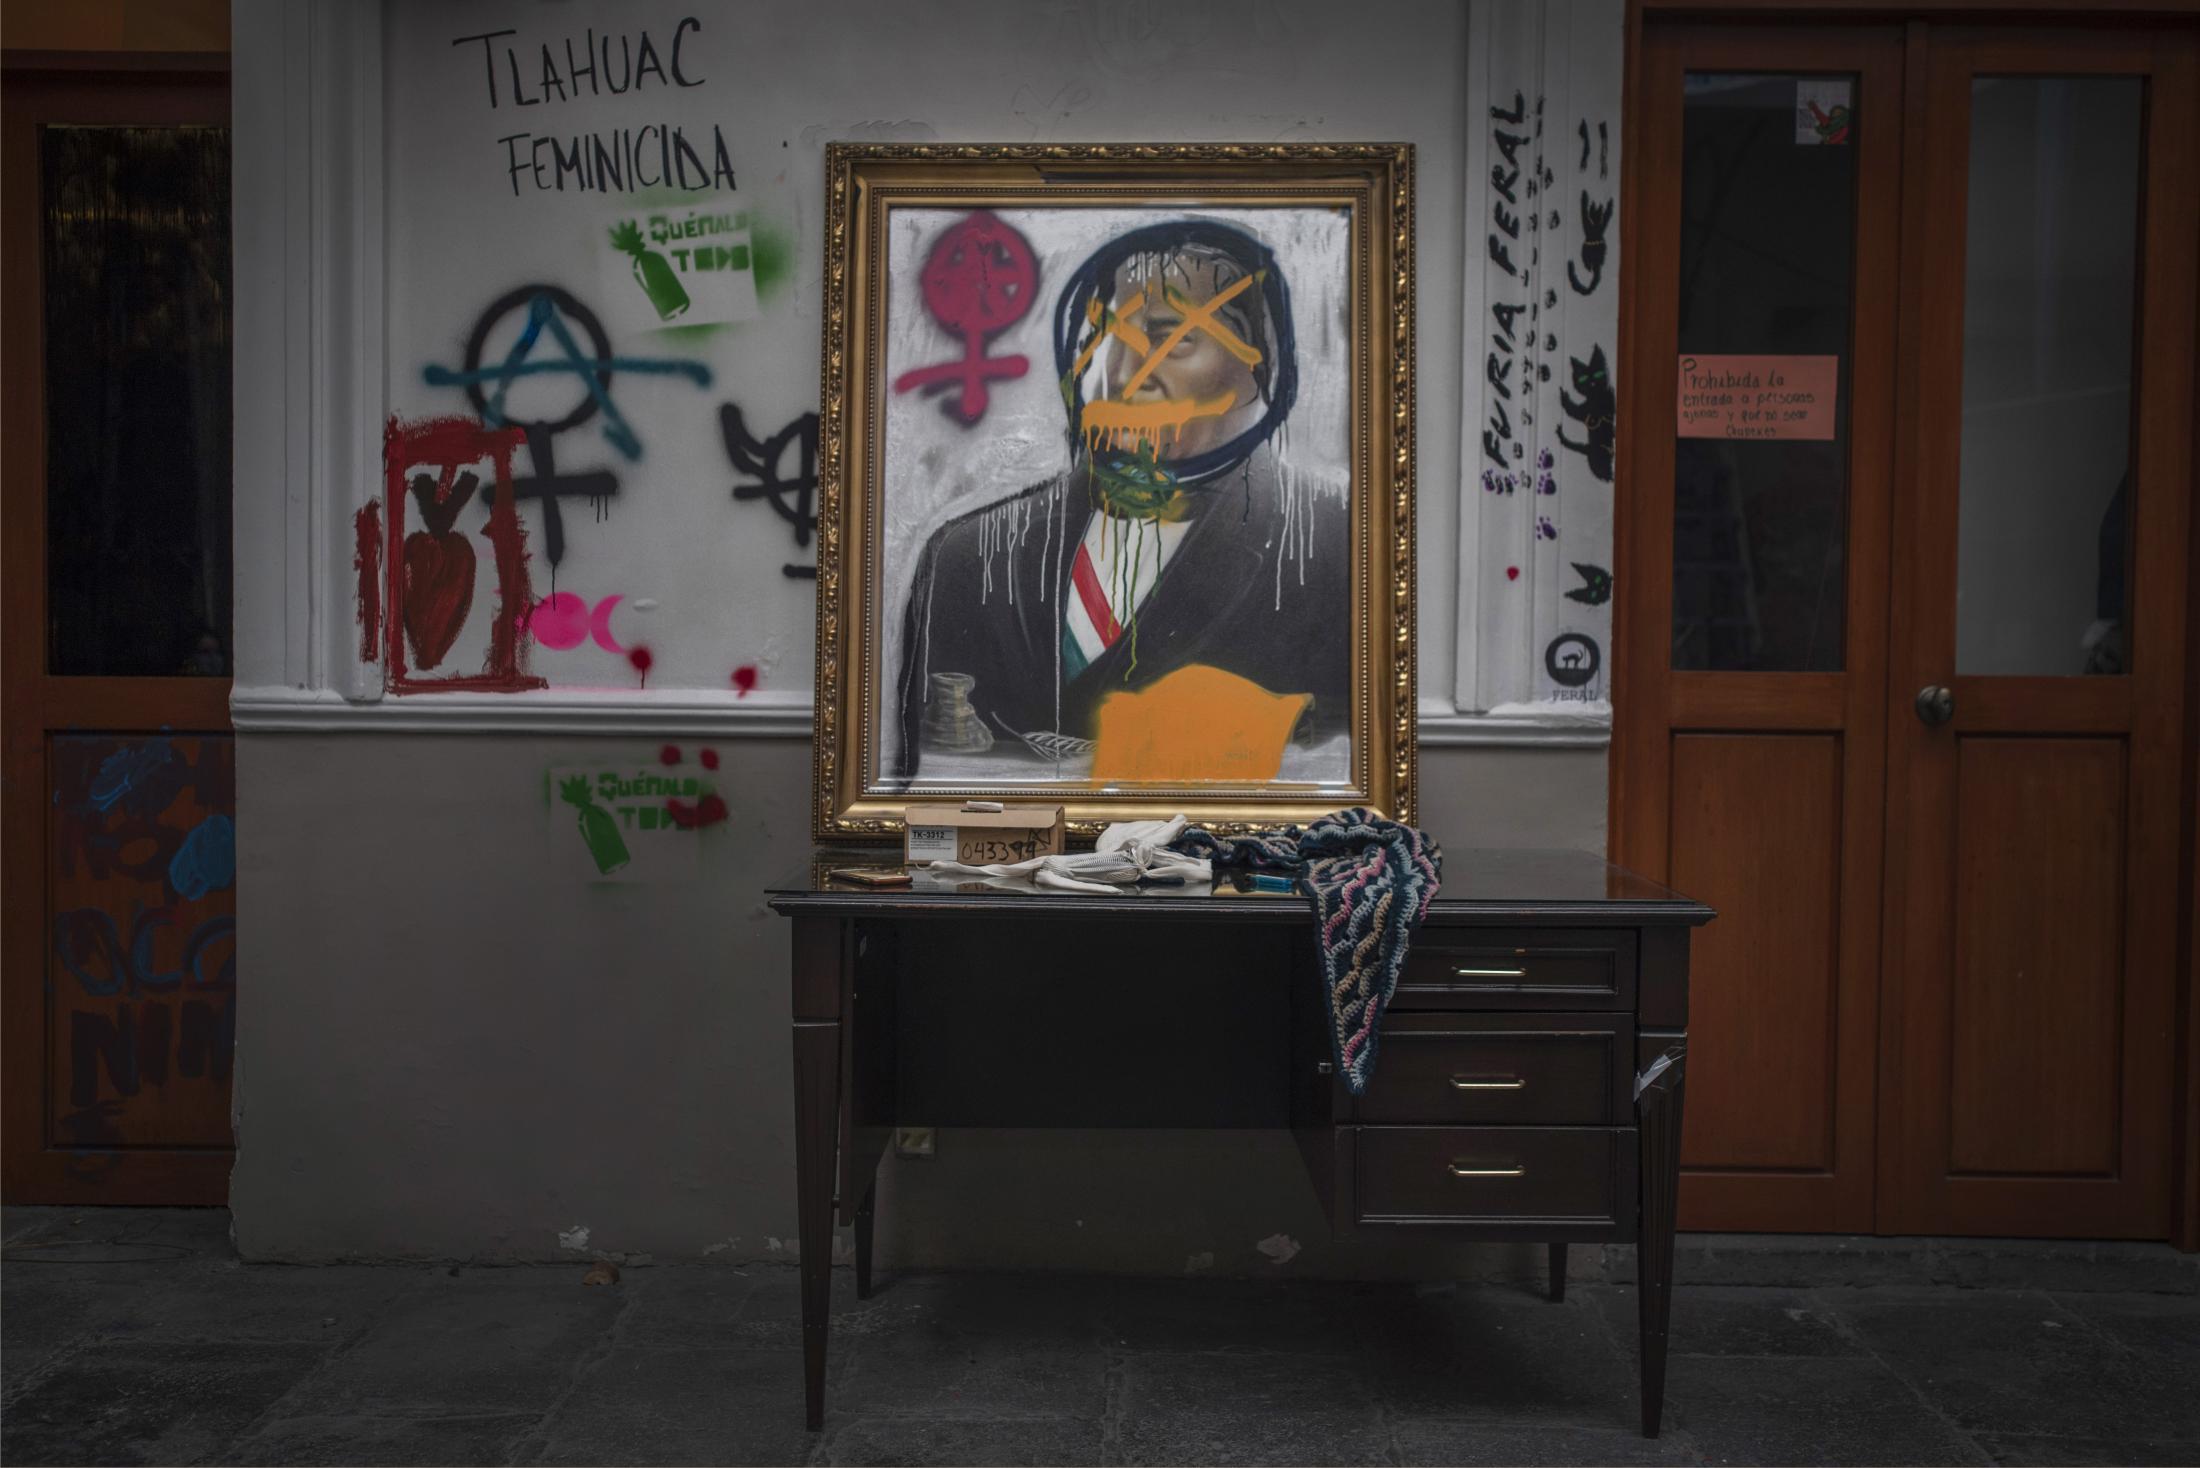 Vista de un rincón de la Okupa Casa Refugio, antes la Comisión Nacional de Derechos Humanos, donde se encuentran los cuadros intervenidos por las integrantes del bloque negro, en la Ciudad de México, México. El 29 de Septiembre del 2020